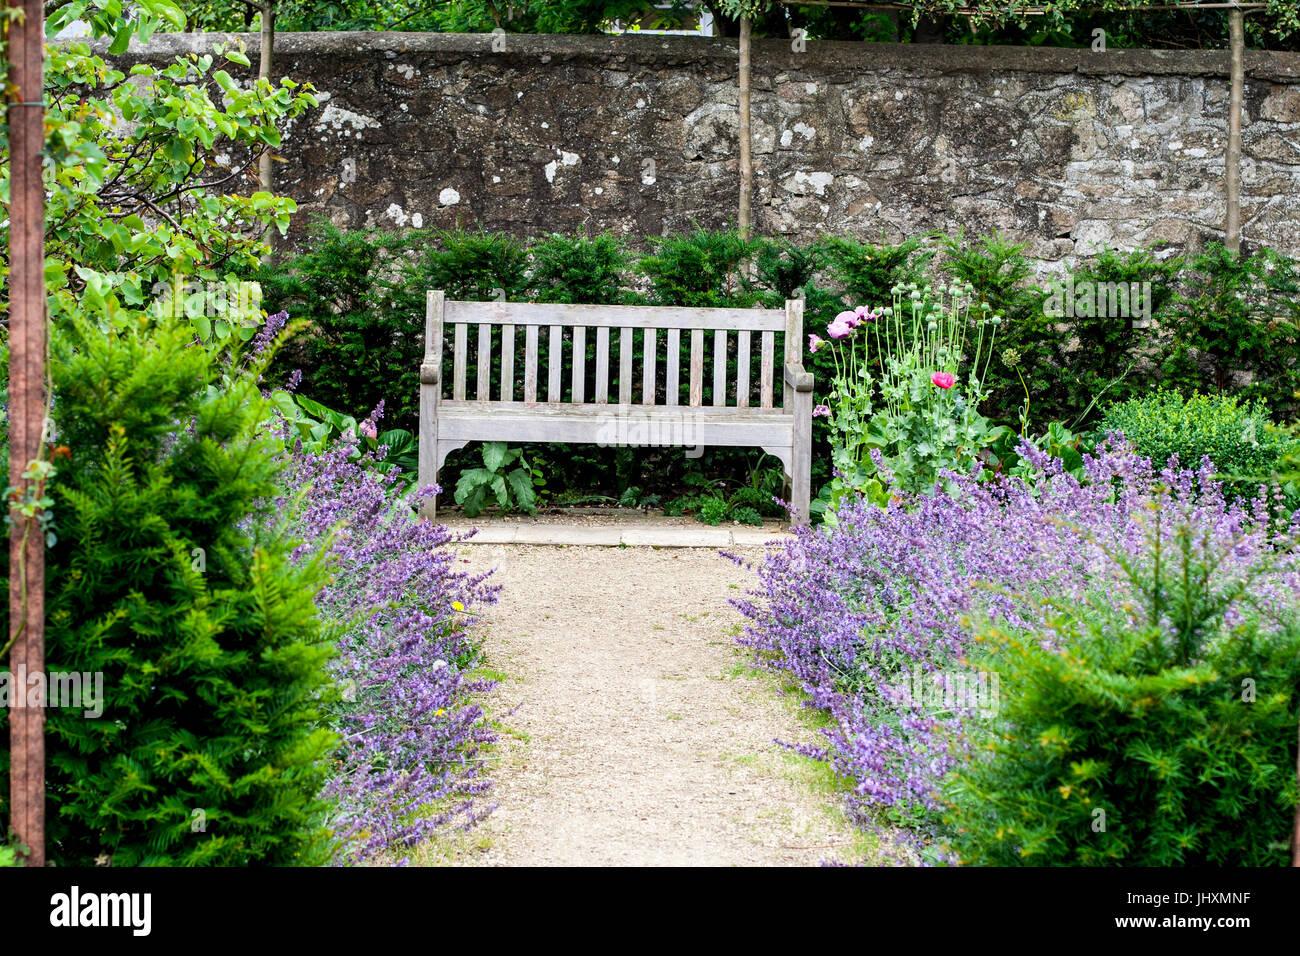 garten mit steinmauer und üppigen lila und grün pflanzen und hecken